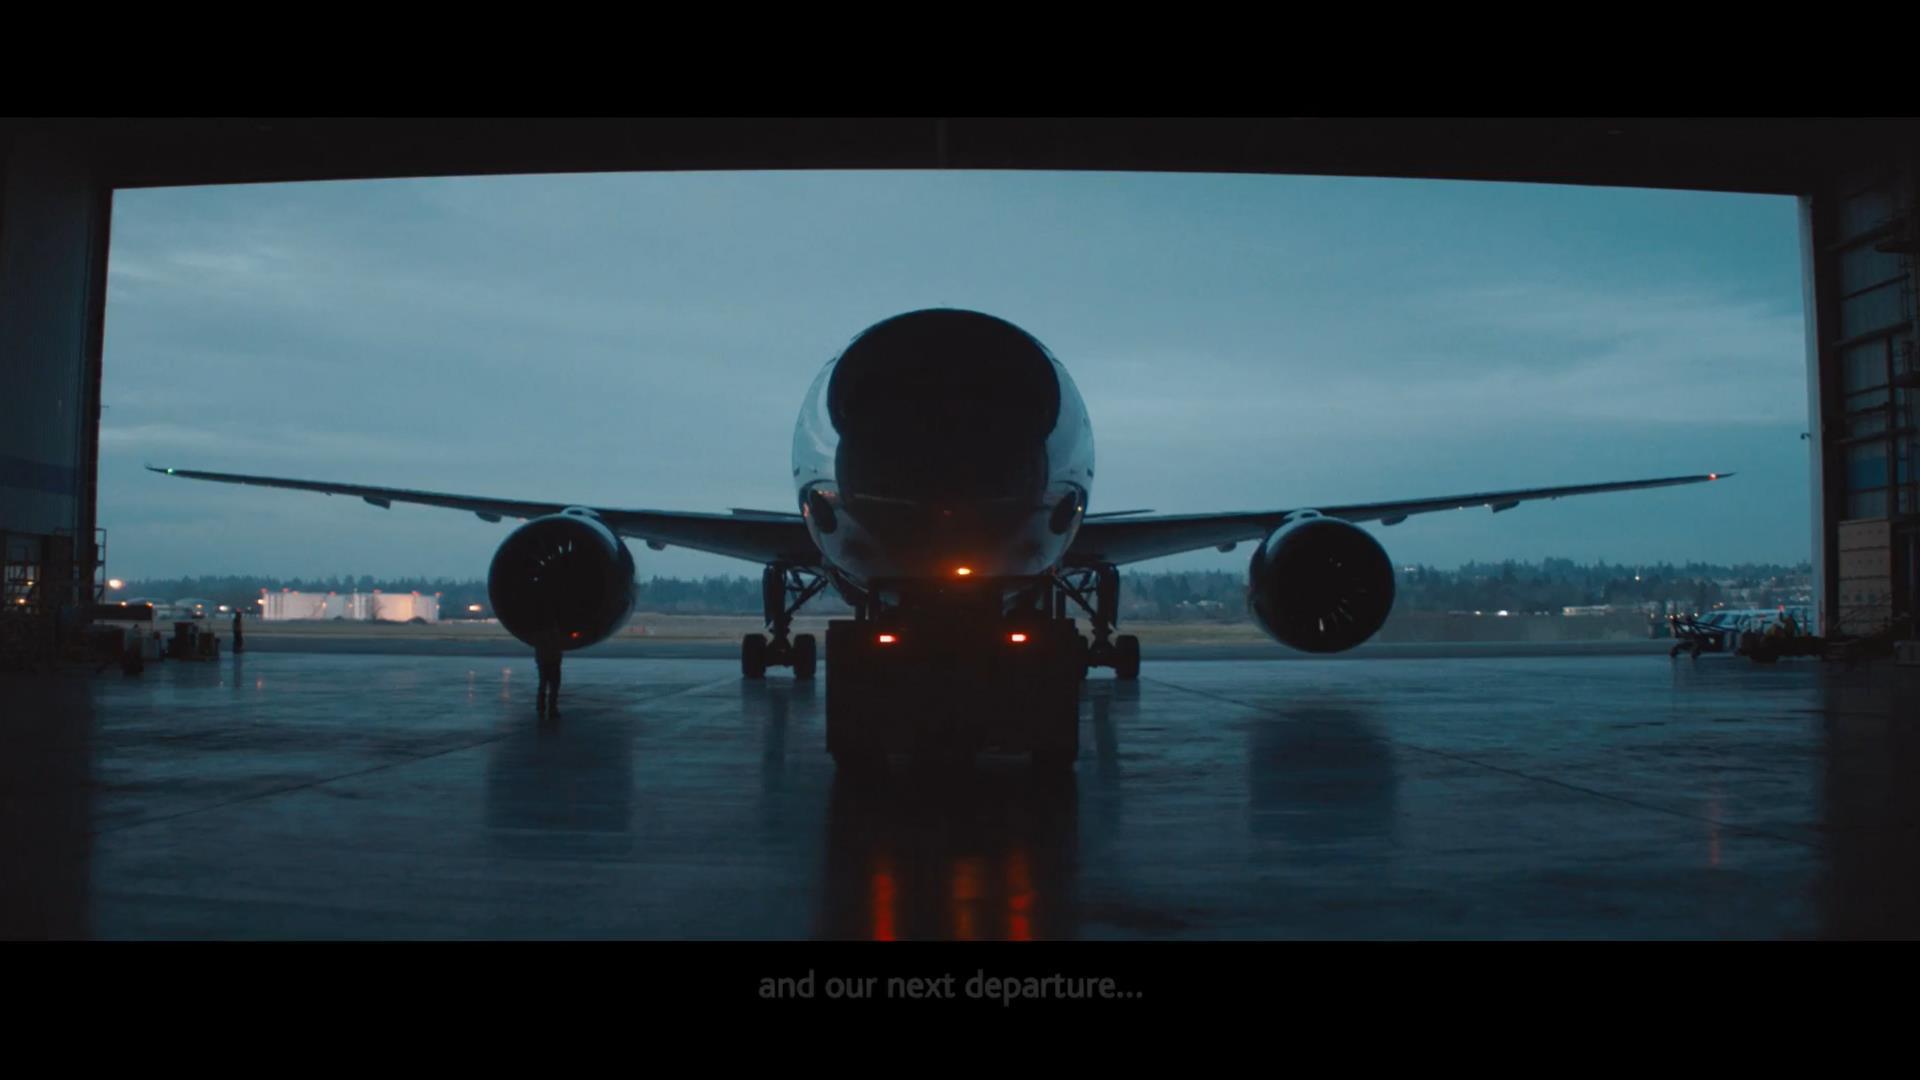 ¿Cuál es la ruta aérea más concurrida del mundo? No la que imaginamos